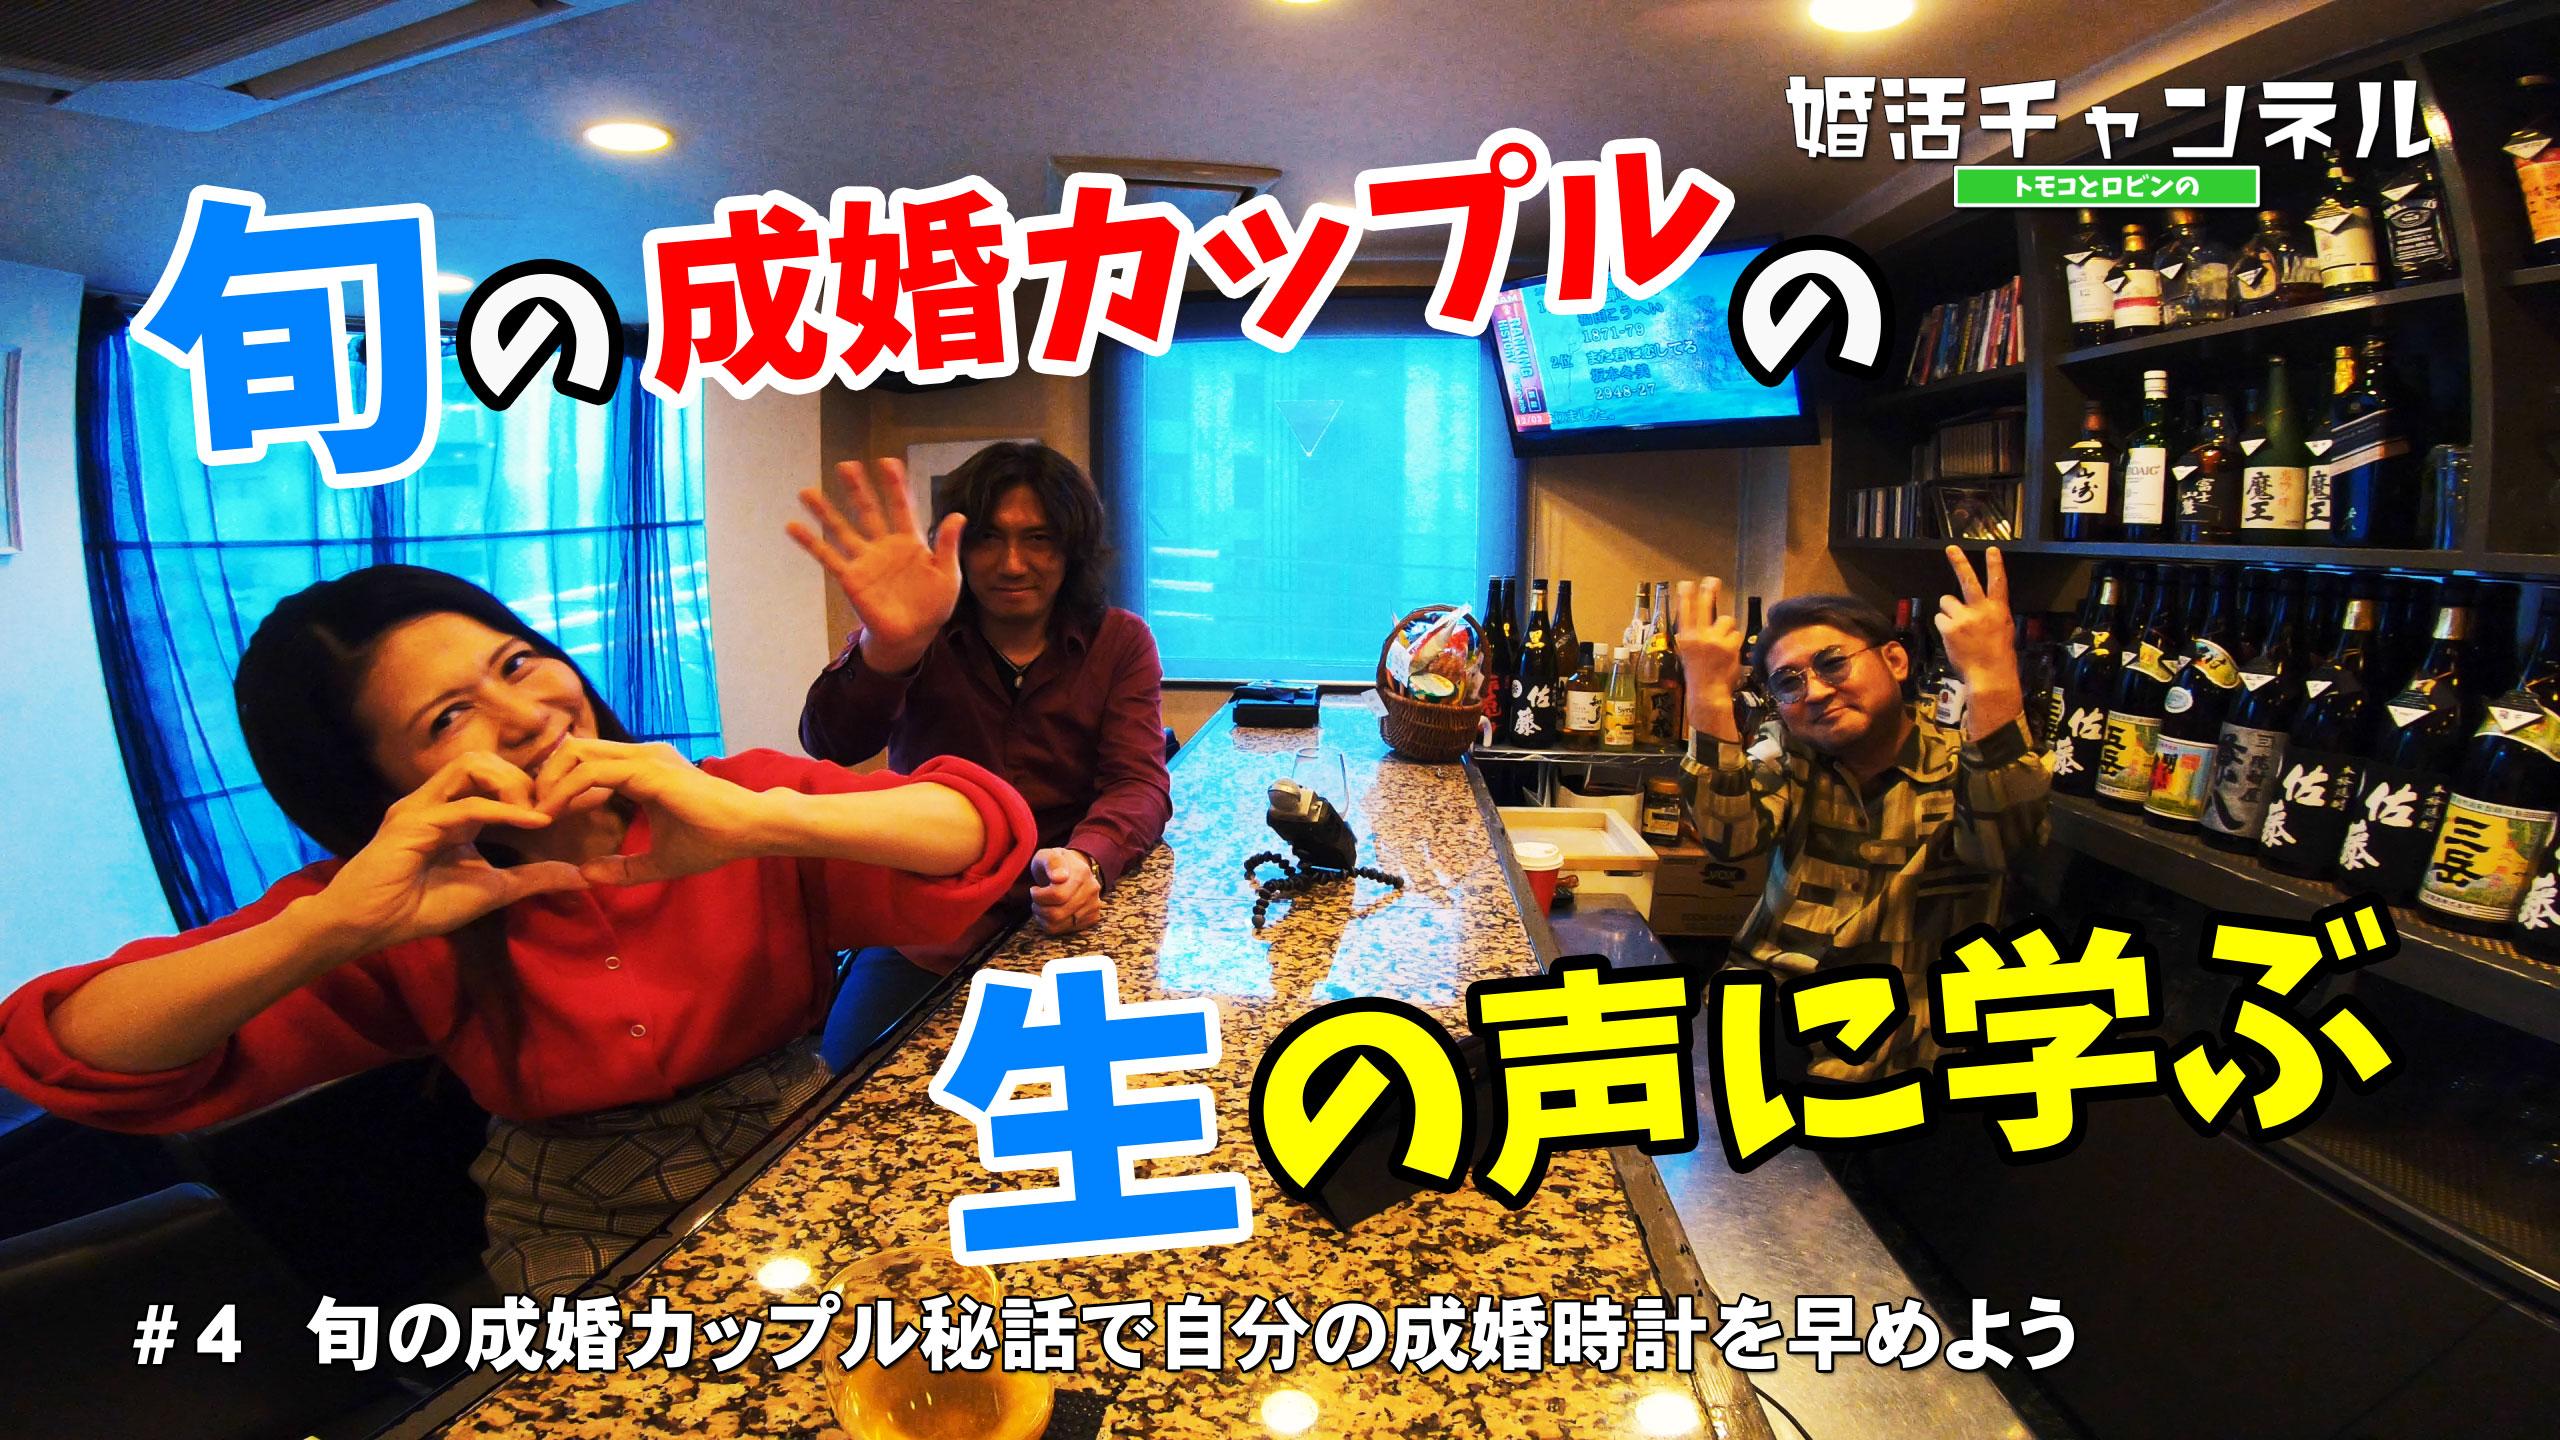 【姫路】結婚相談所 ロビンソン・パートナーズ【神戸】トモコとロビンの婚活チャンネル_4